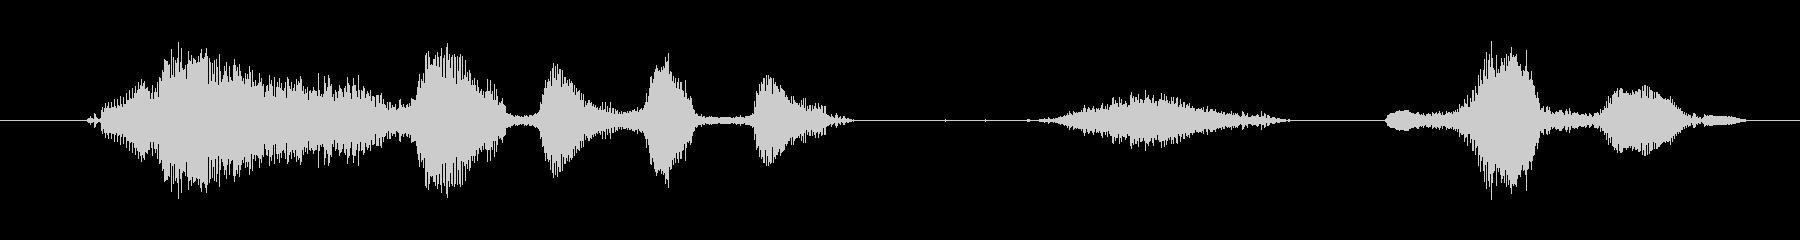 鳴き声 女性の叫び02の未再生の波形